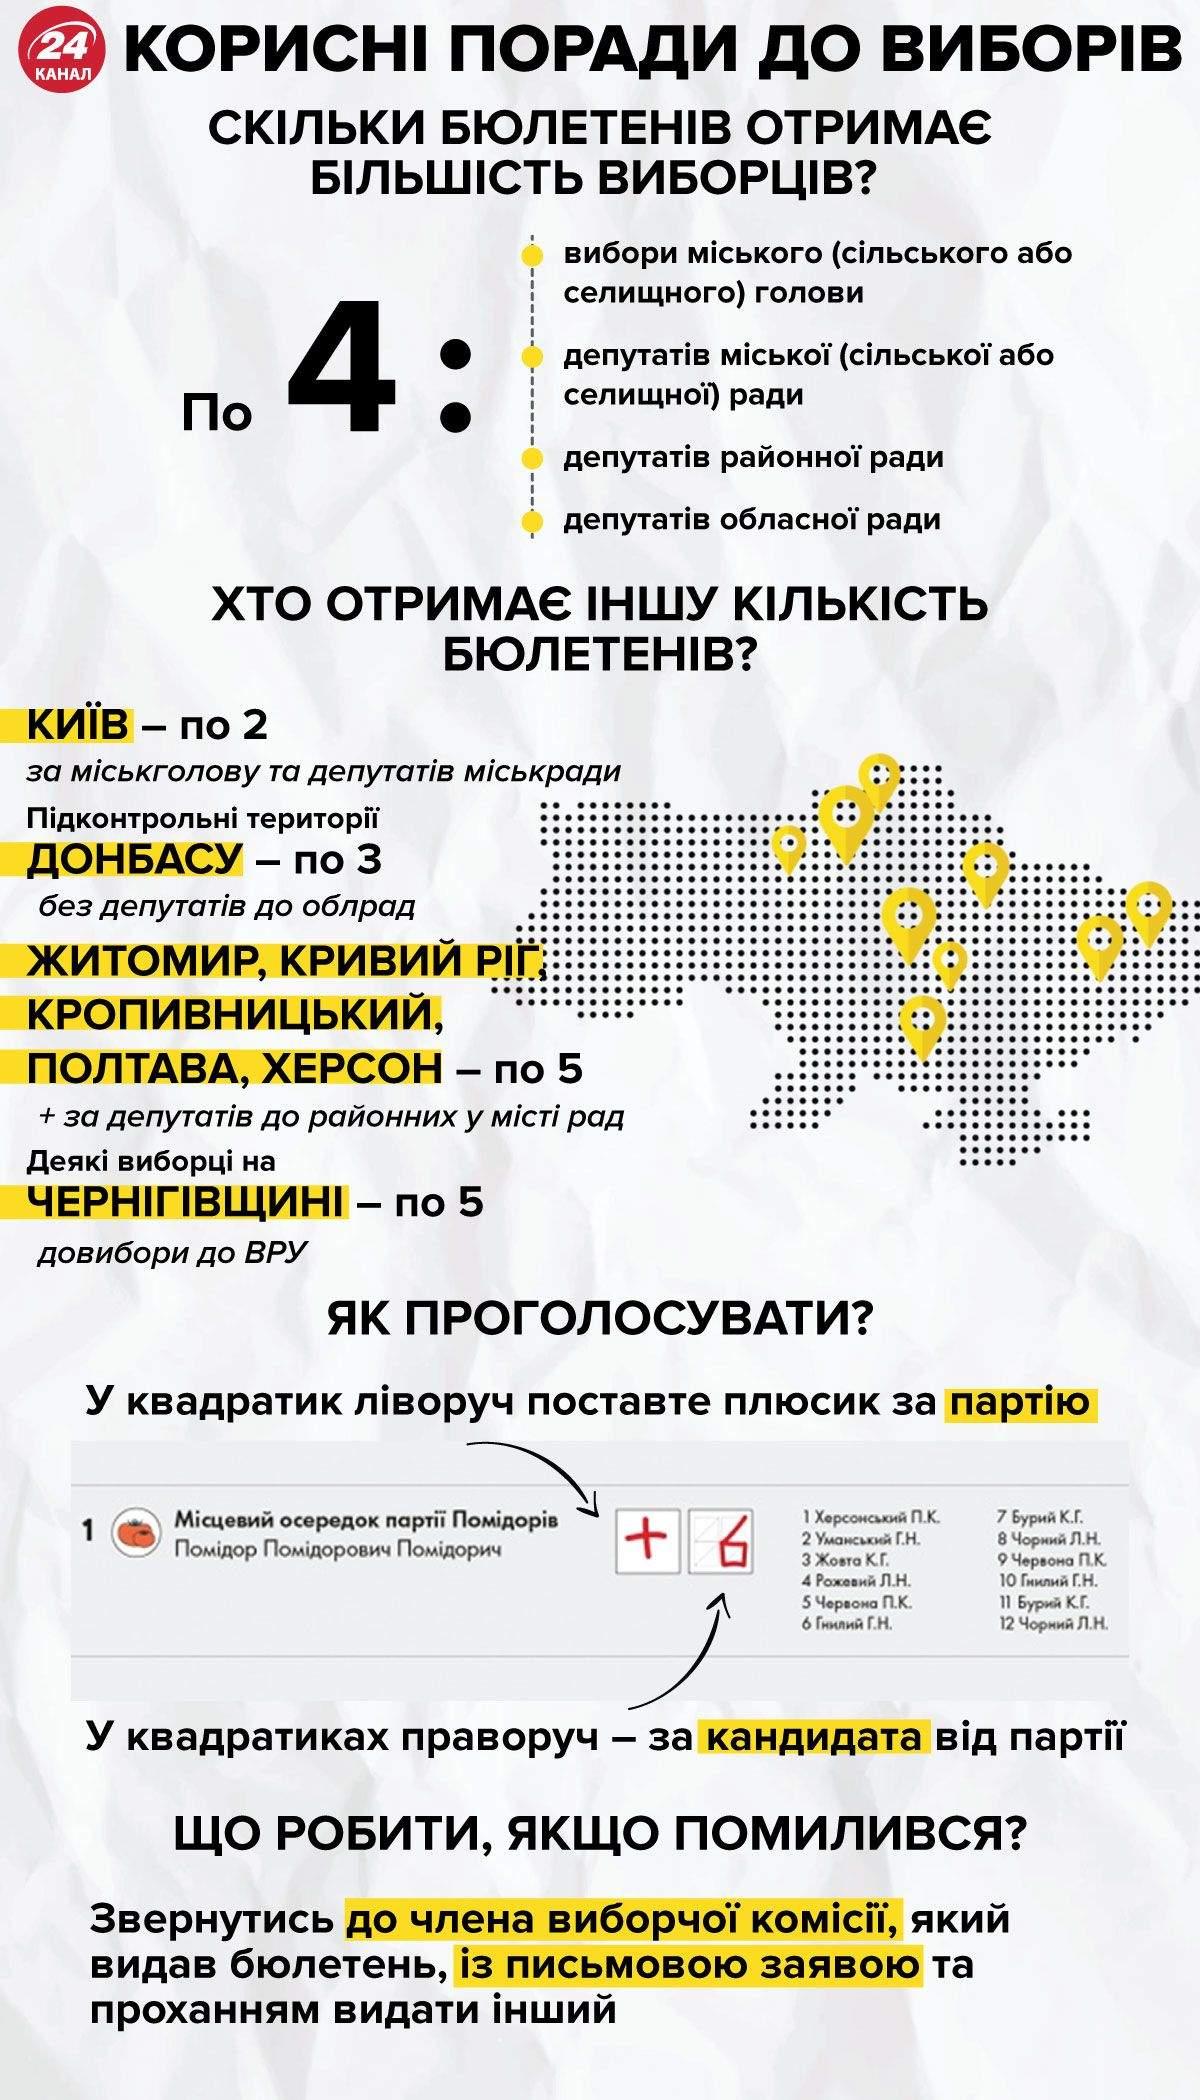 Кількість бюлетенів у виборця / Інфографіка 24 каналу